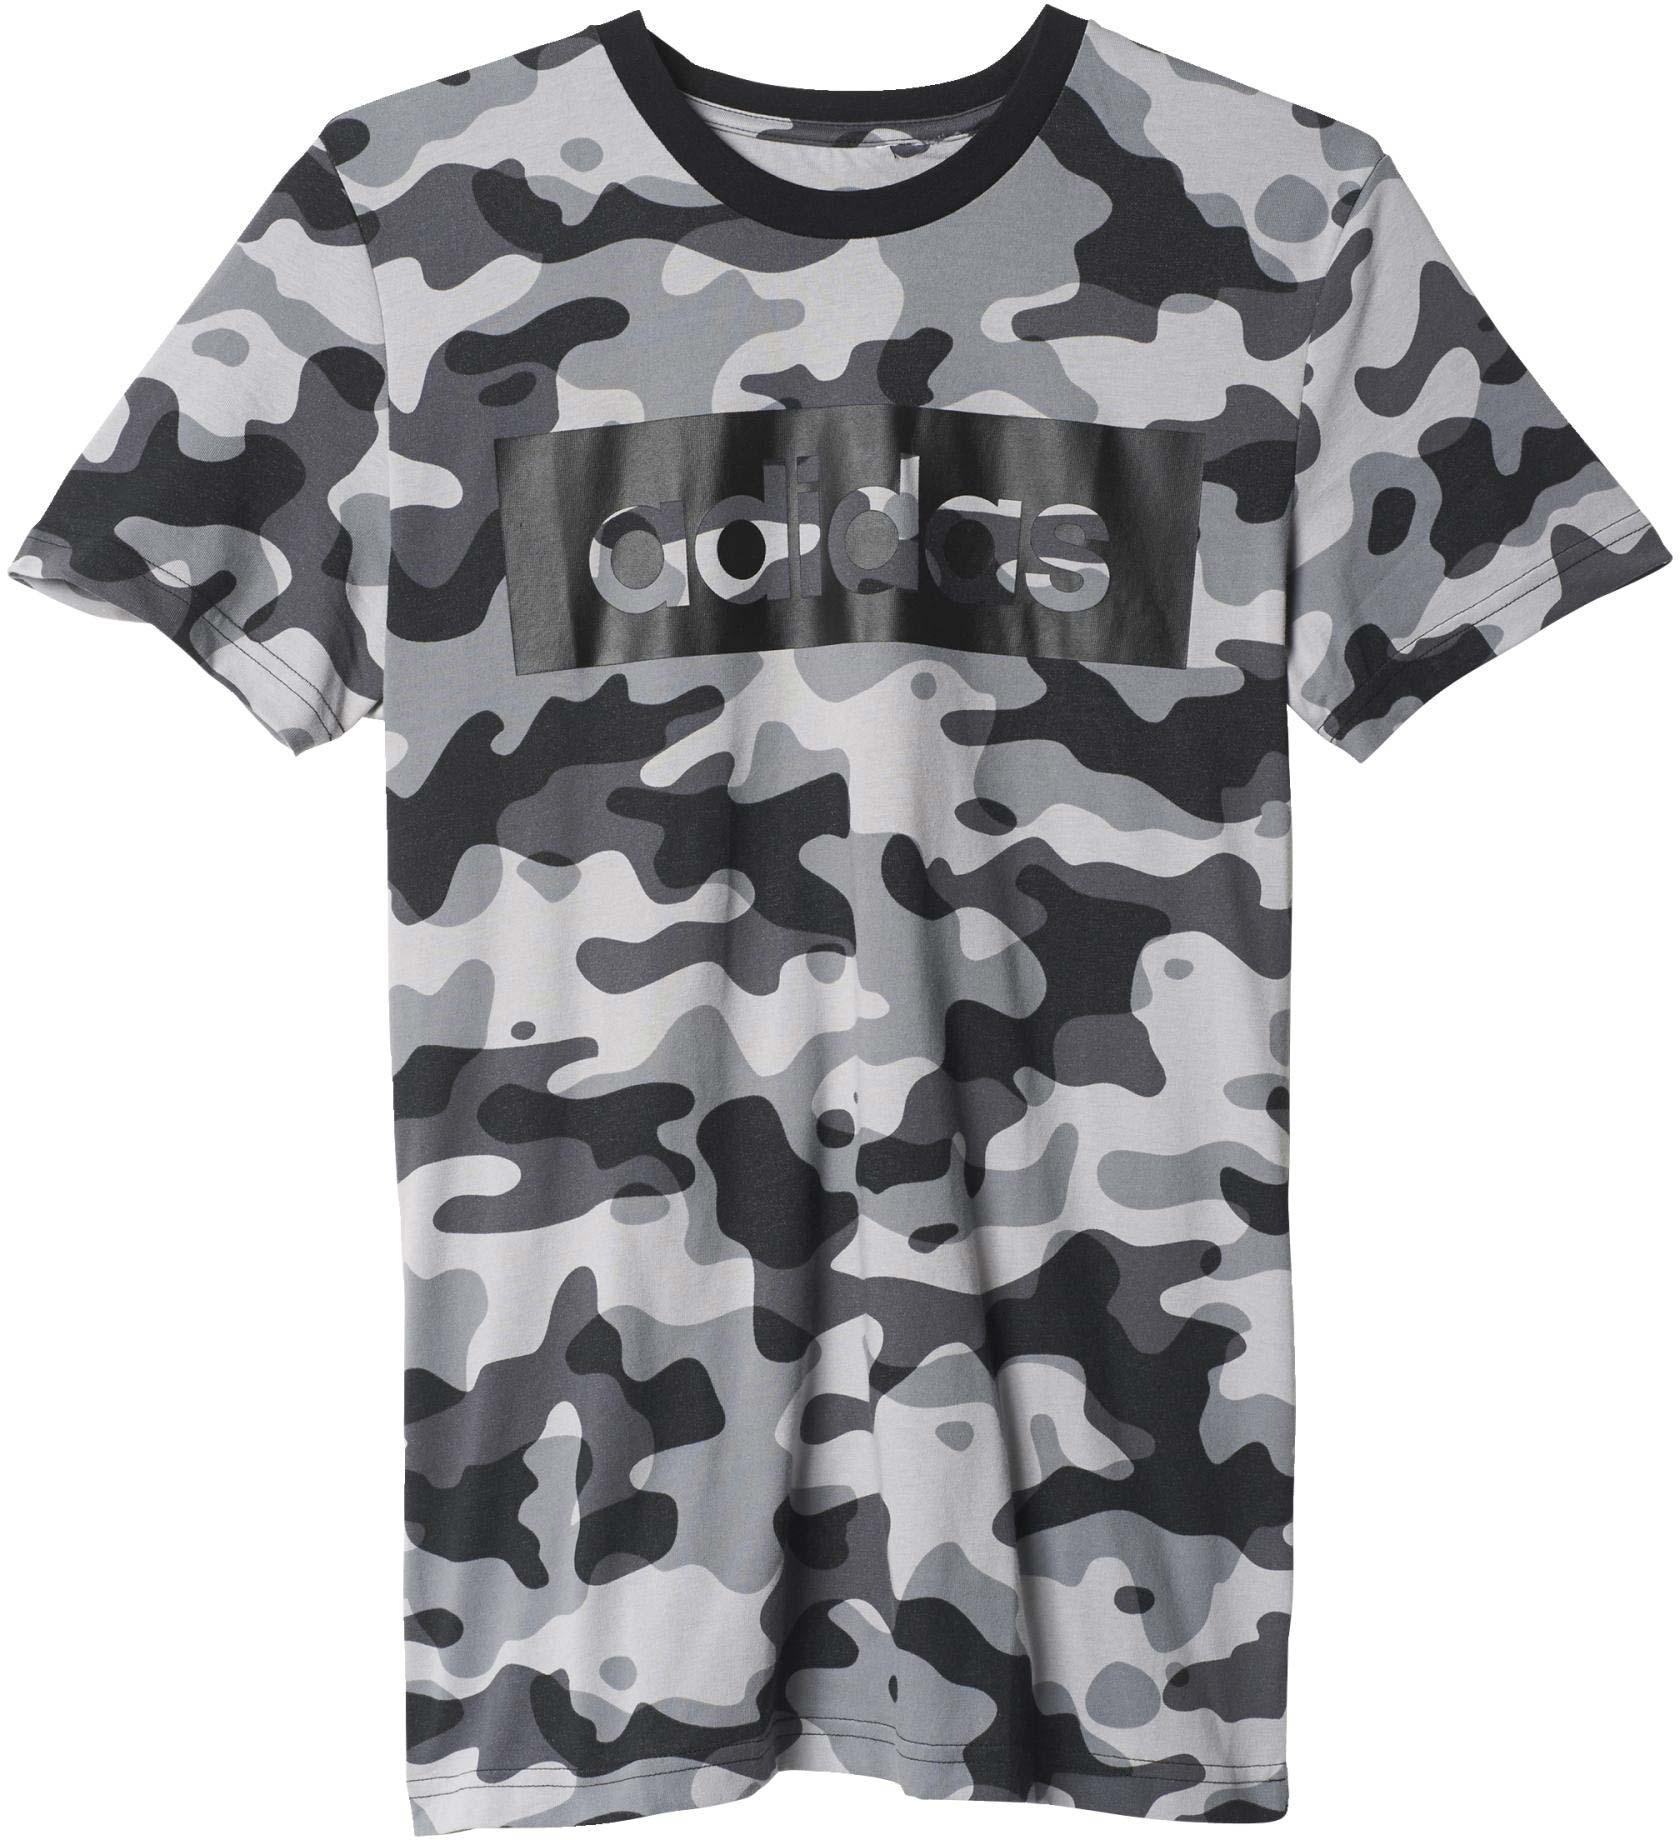 0e98328e1152cb adidas LIN TEE CAMO. Men s T-shirt